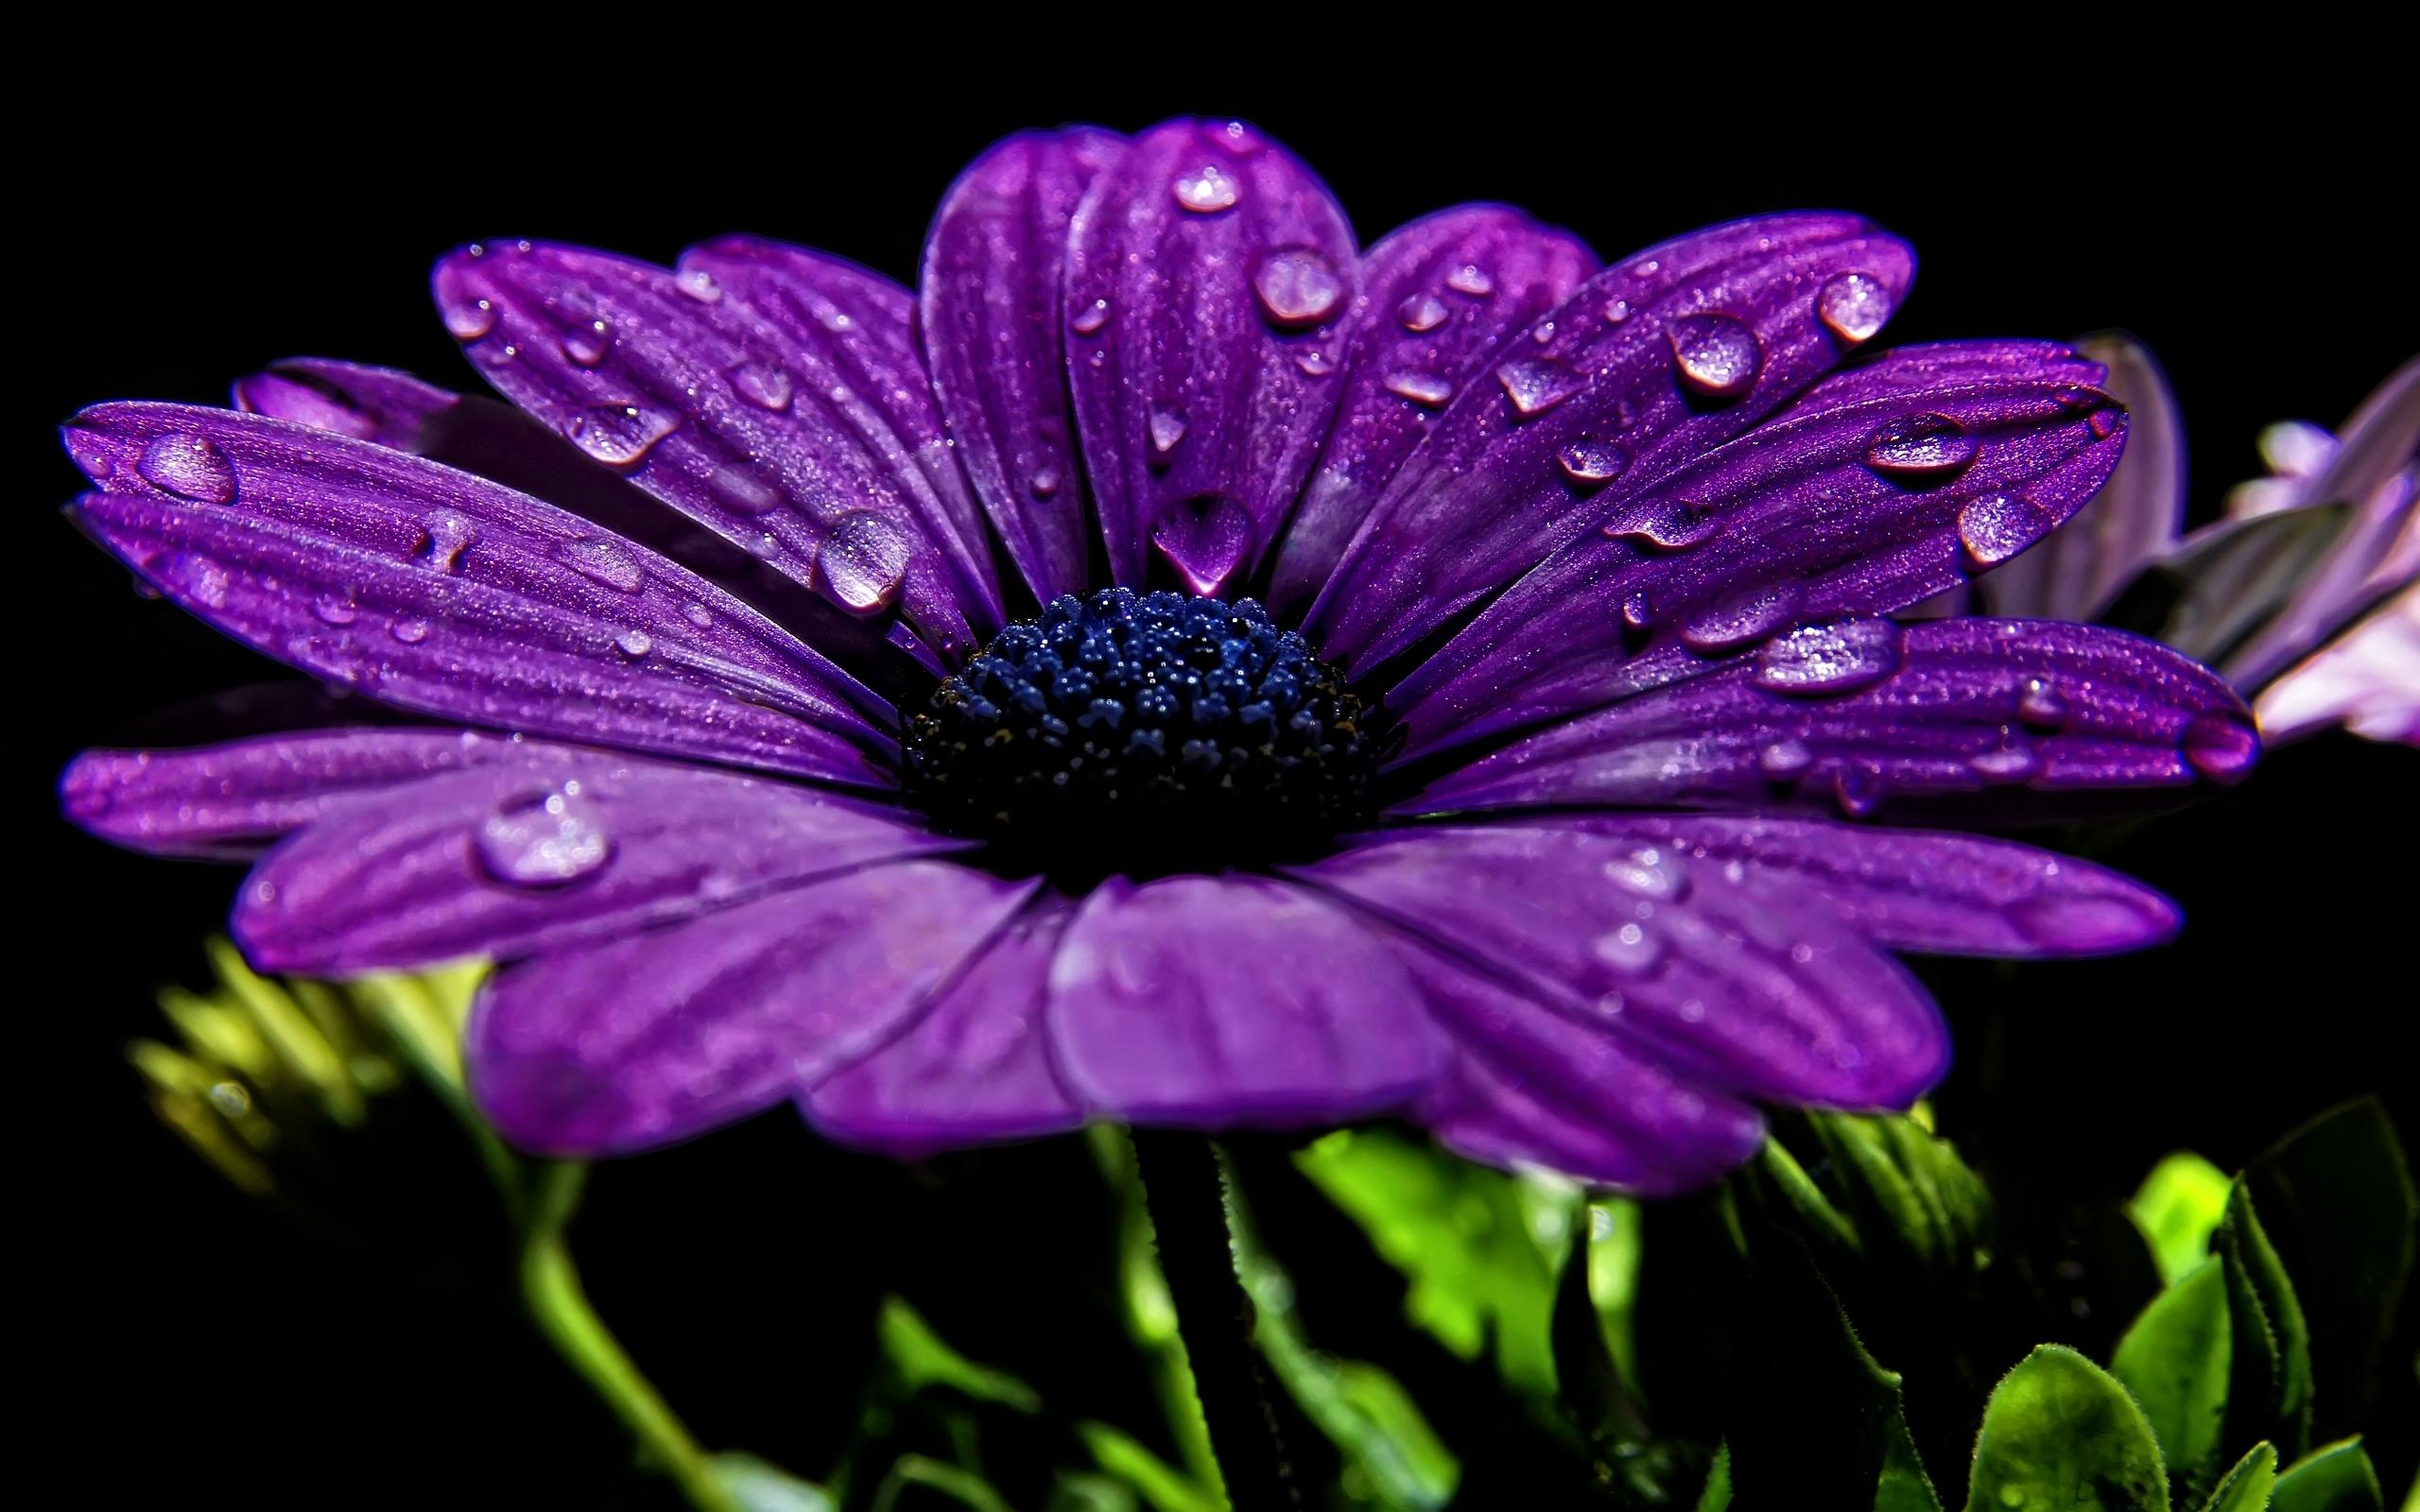 purple flowers 14034 2560x1600 px ~ hdwallsource